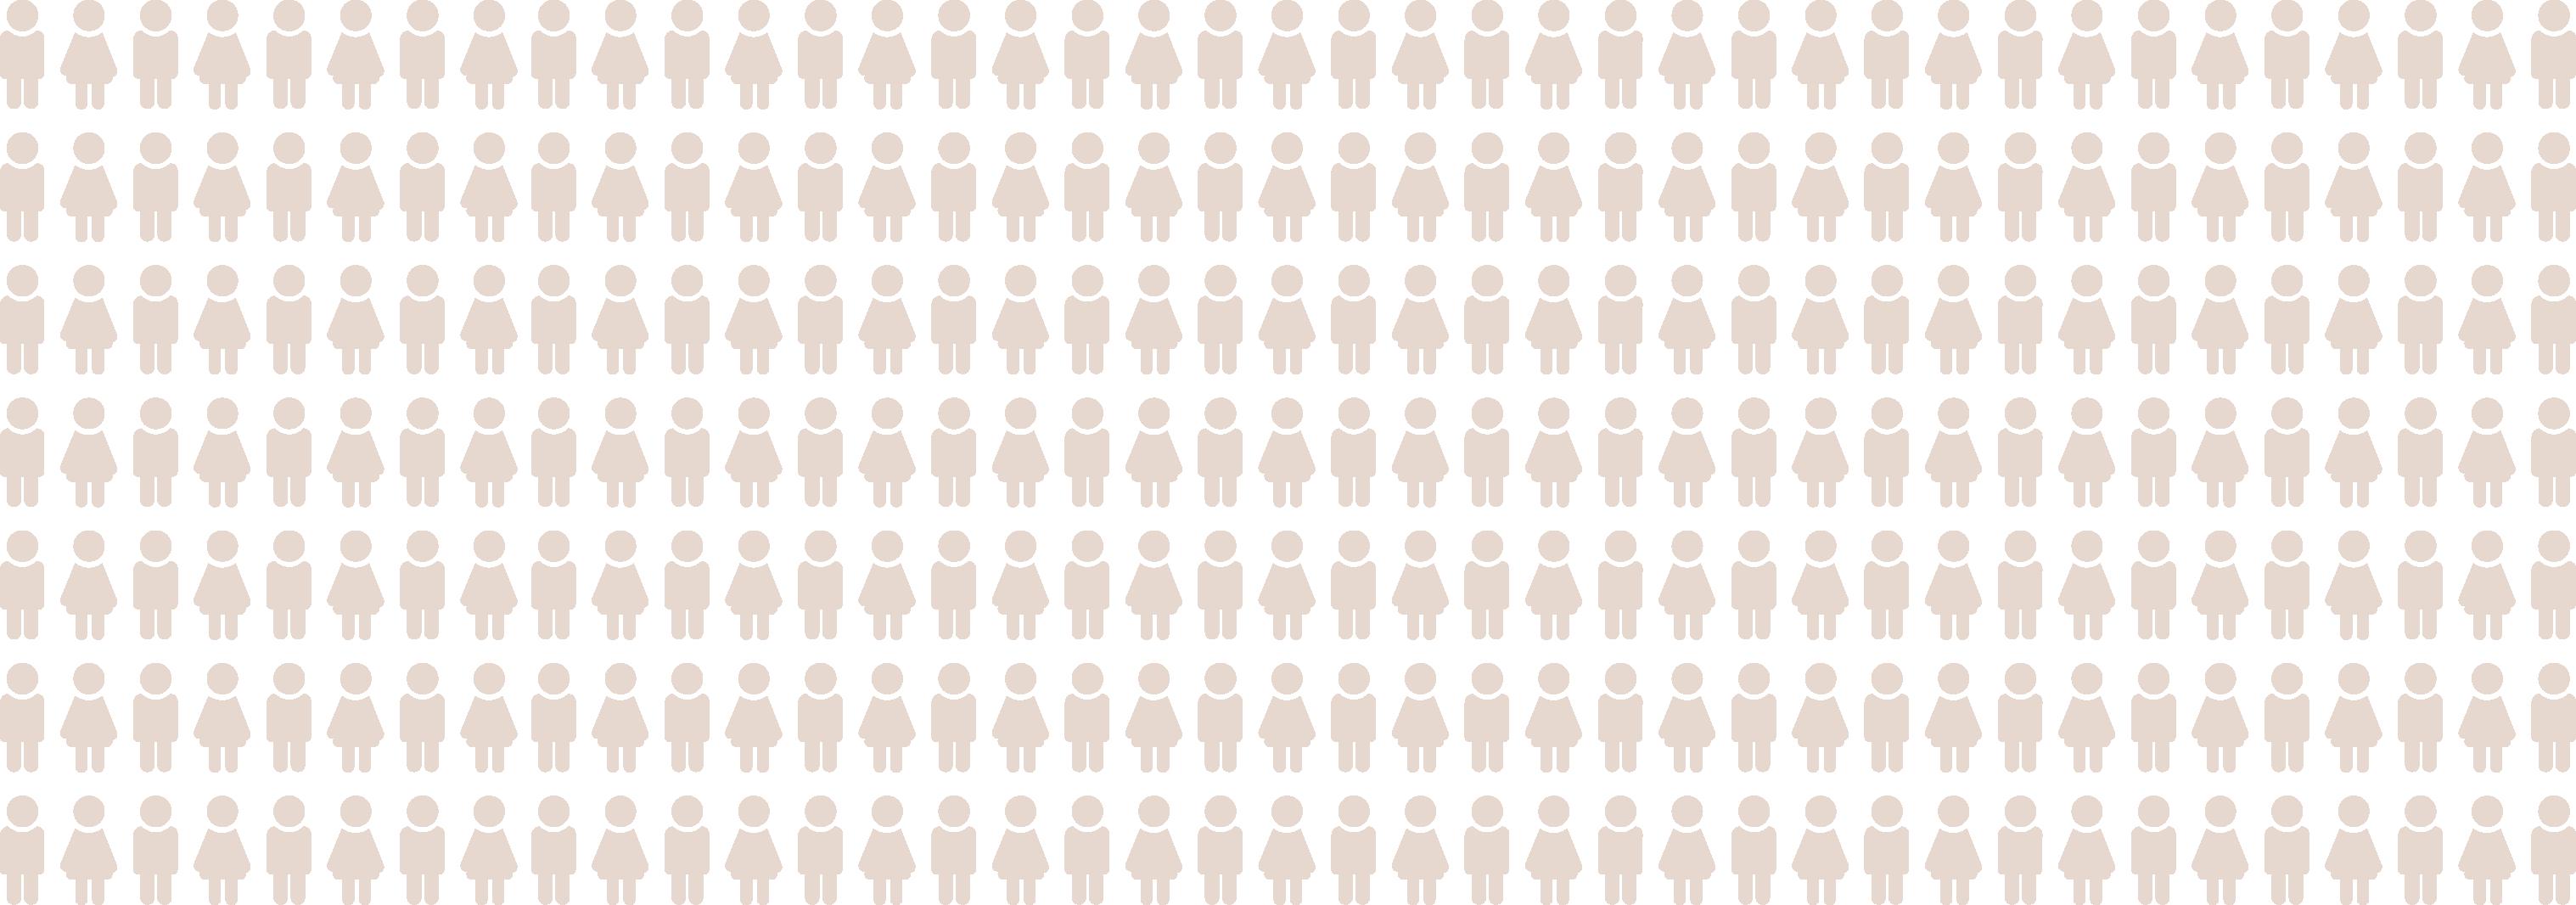 Monigotes de población mundial